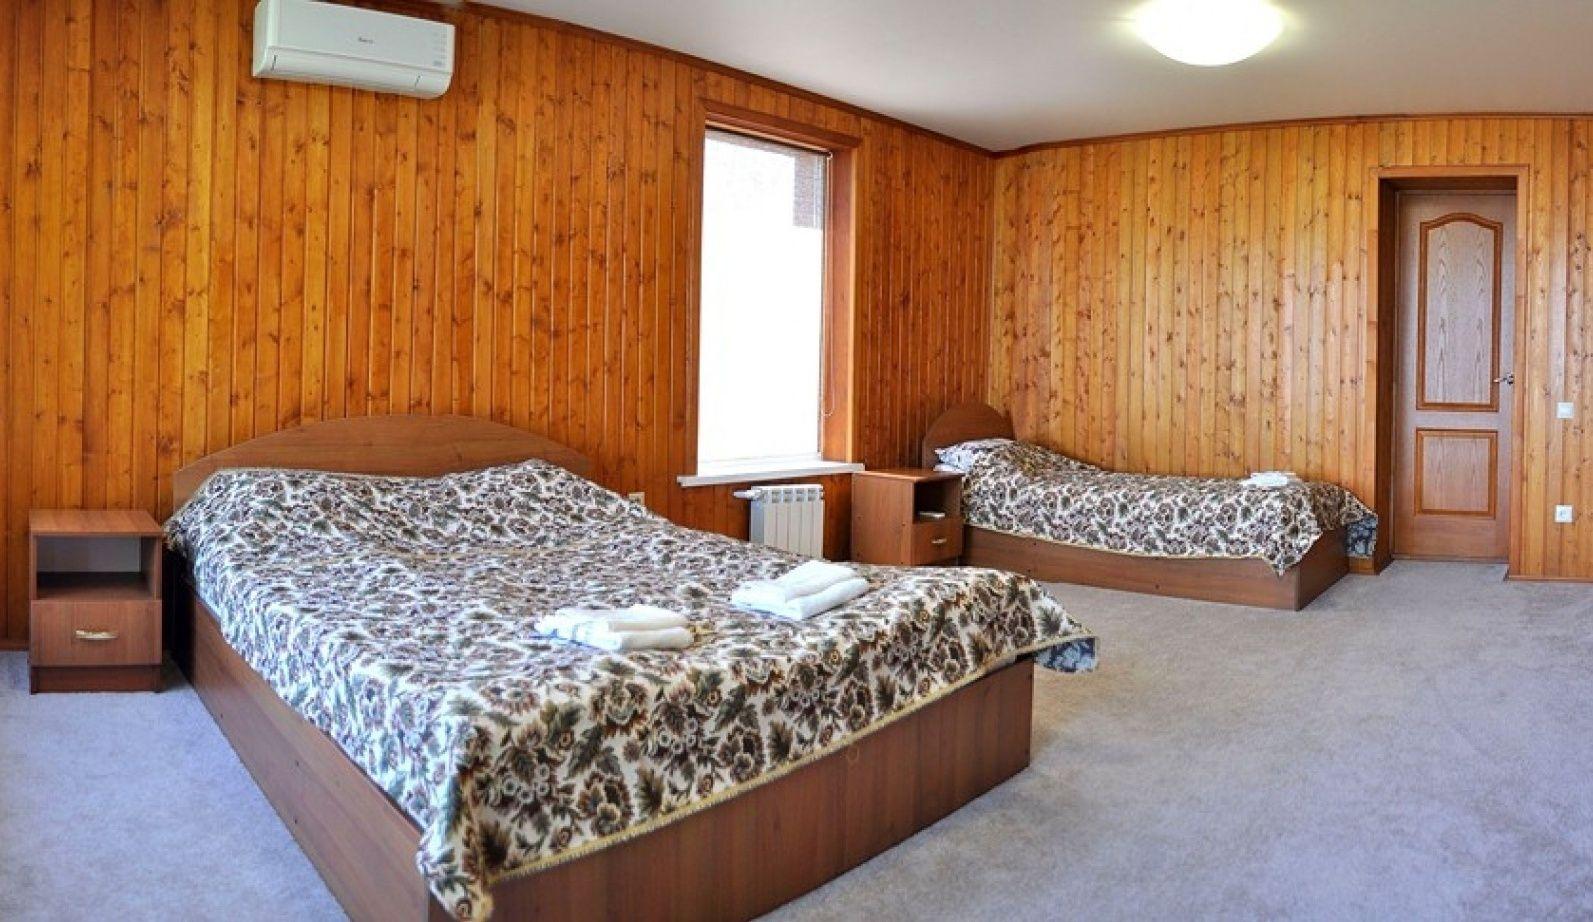 Турбаза «Лагуна» Саратовская область VIP-домик, фото 9